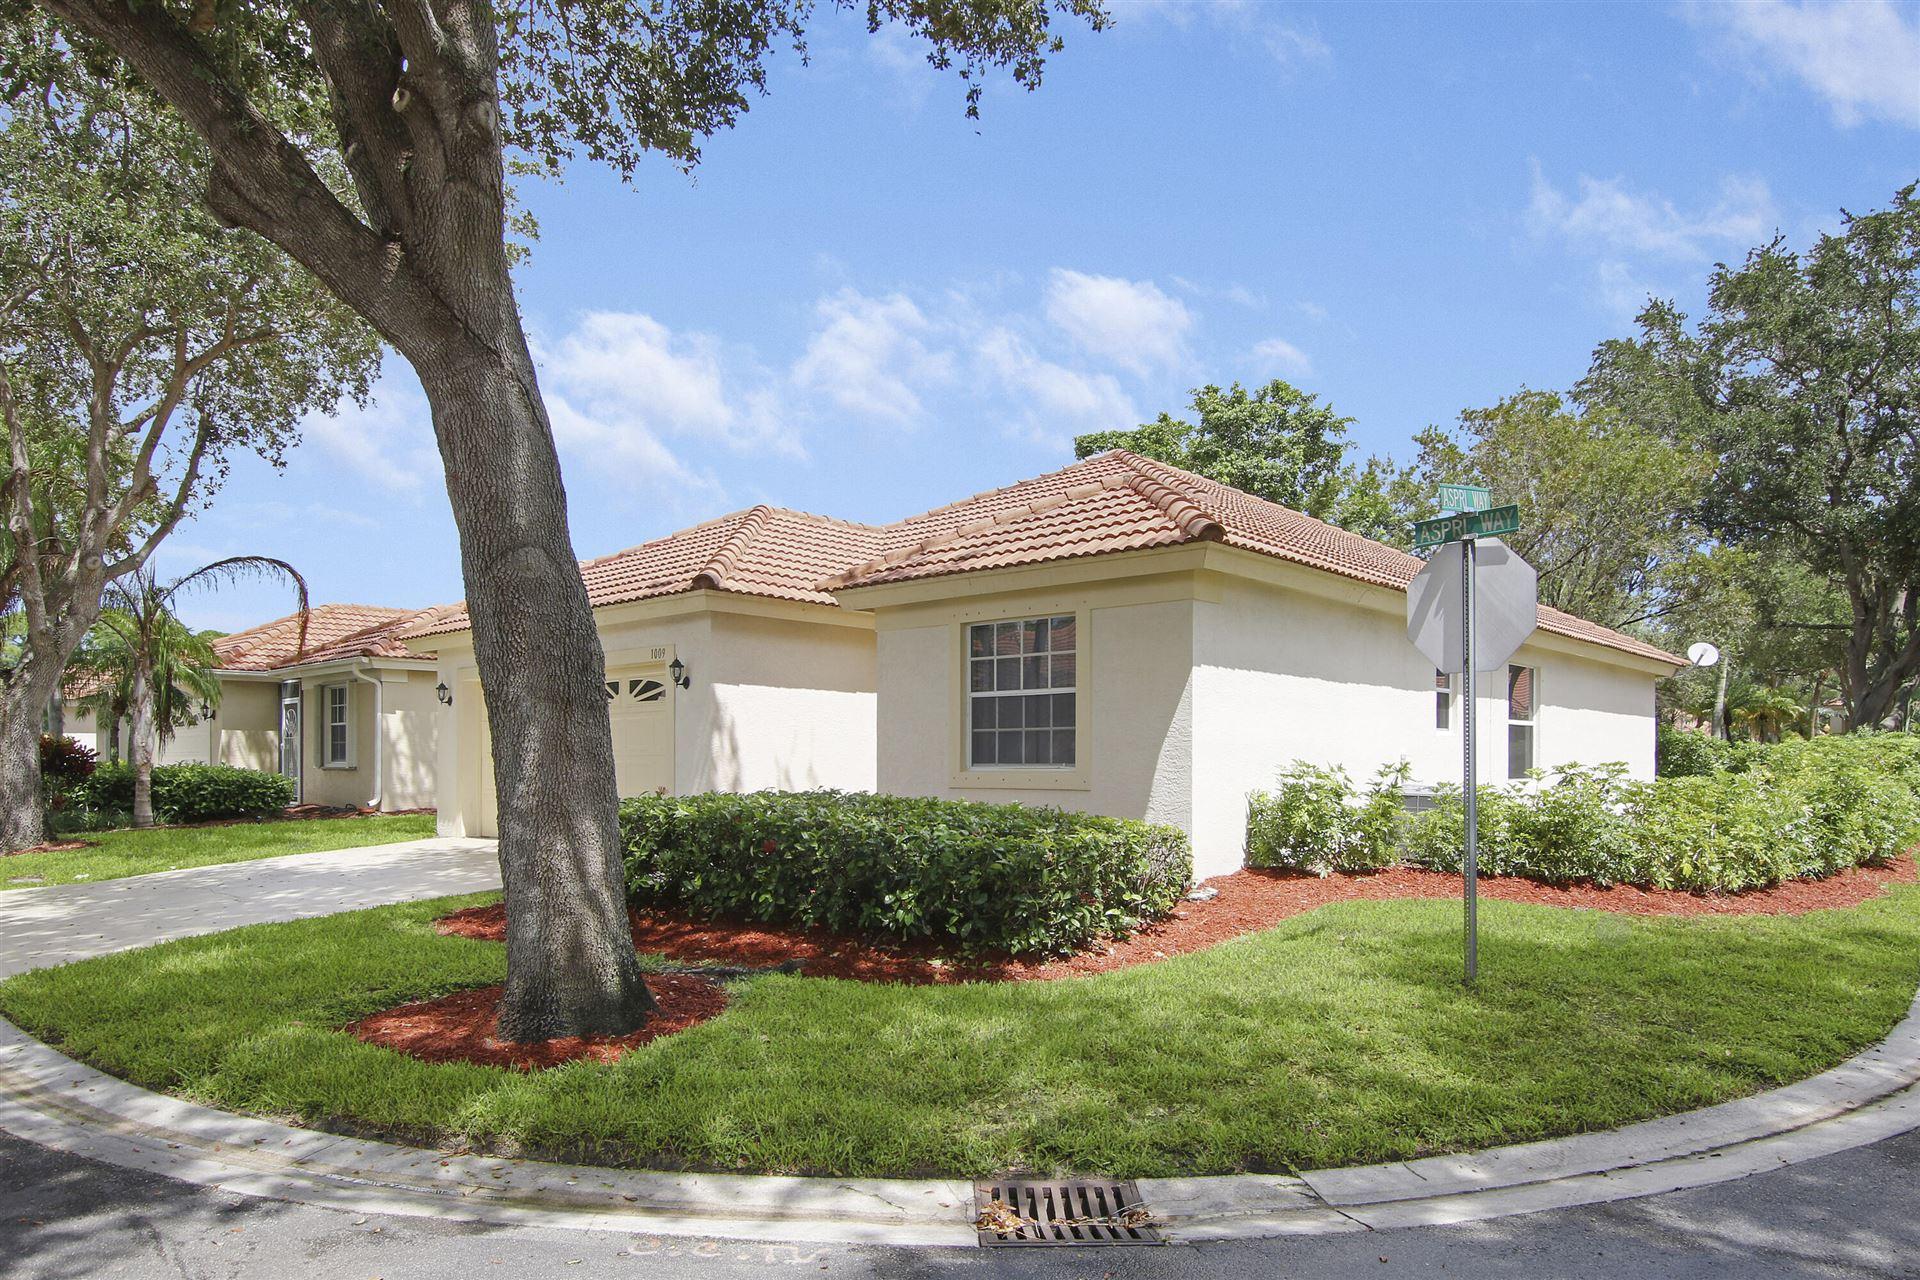 1009 Aspri Way, Riviera Beach, FL 33418 - MLS#: RX-10746339